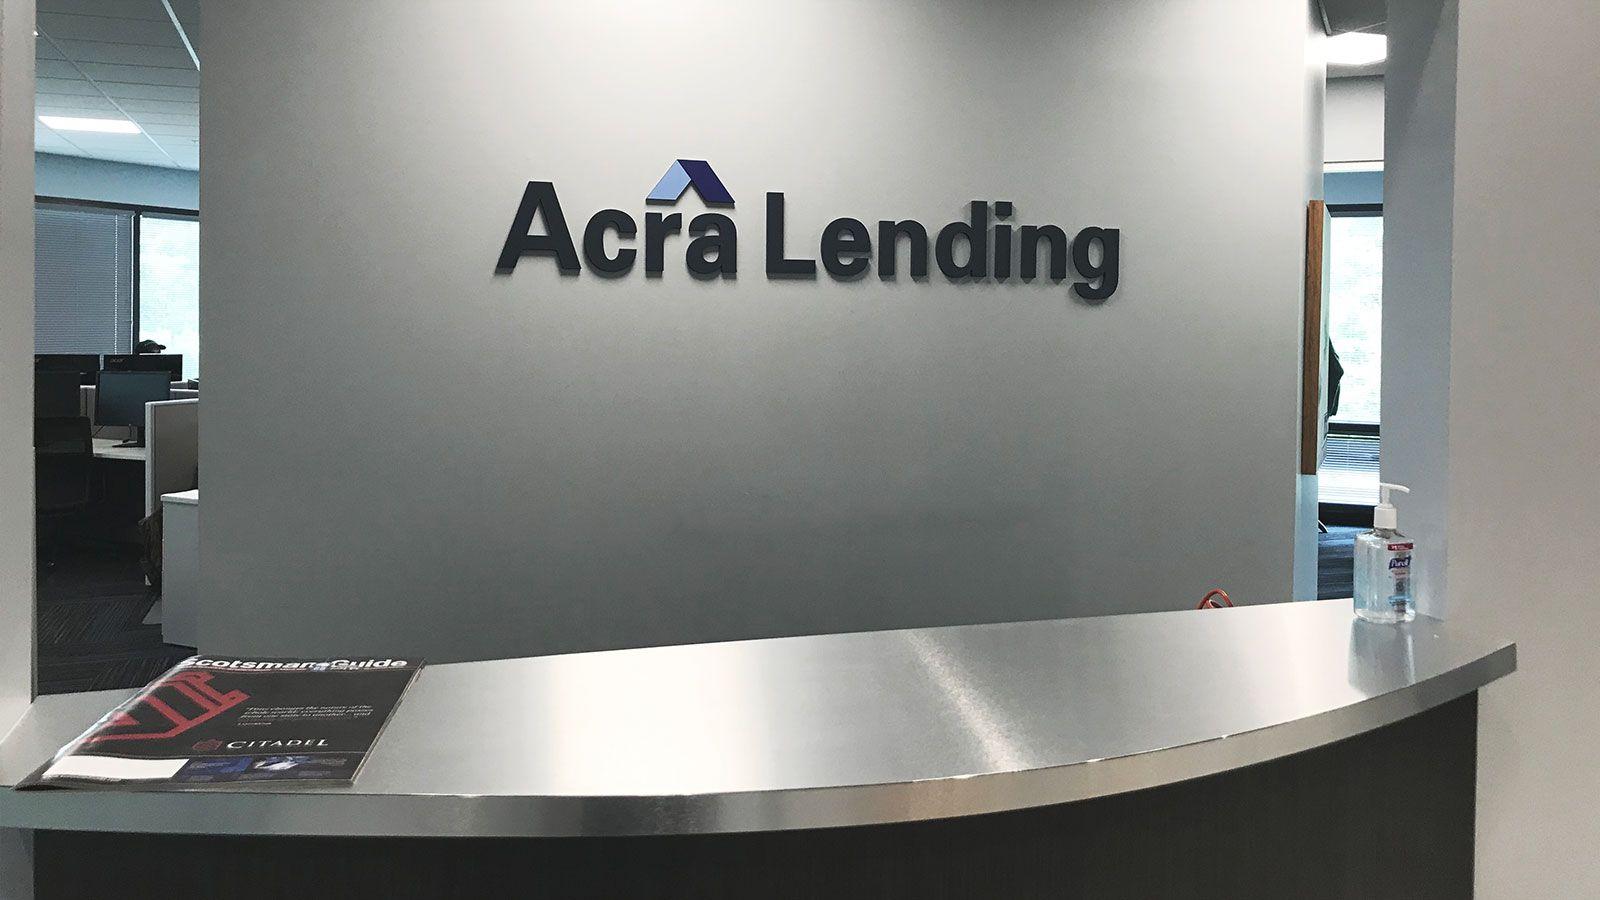 Acra Lending 3d letters